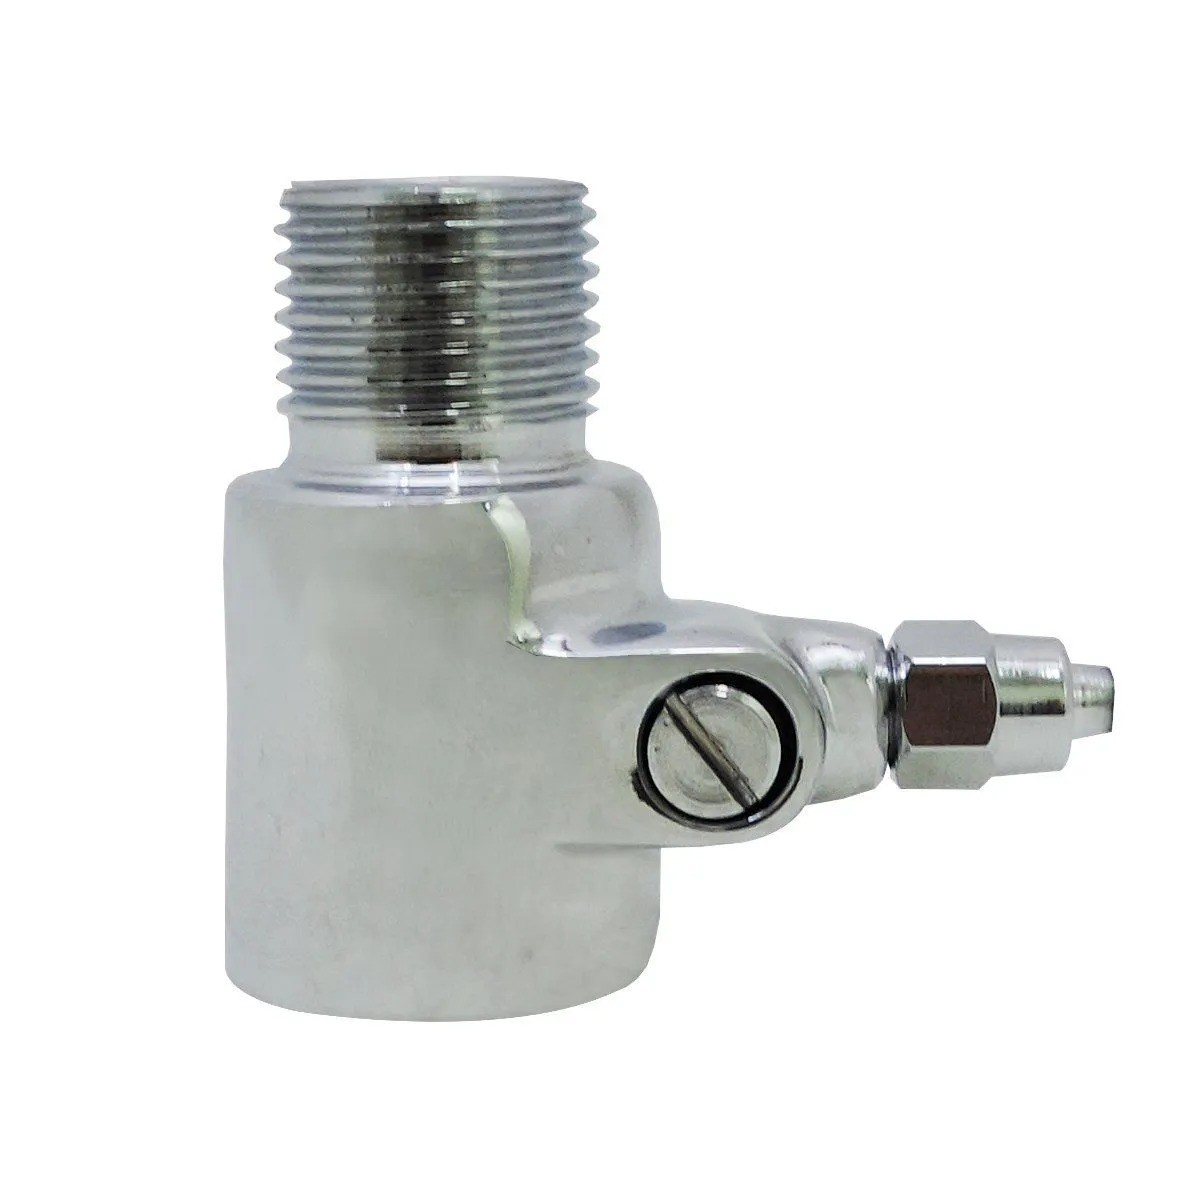 Adaptador de Torneira com Registro - 6mm